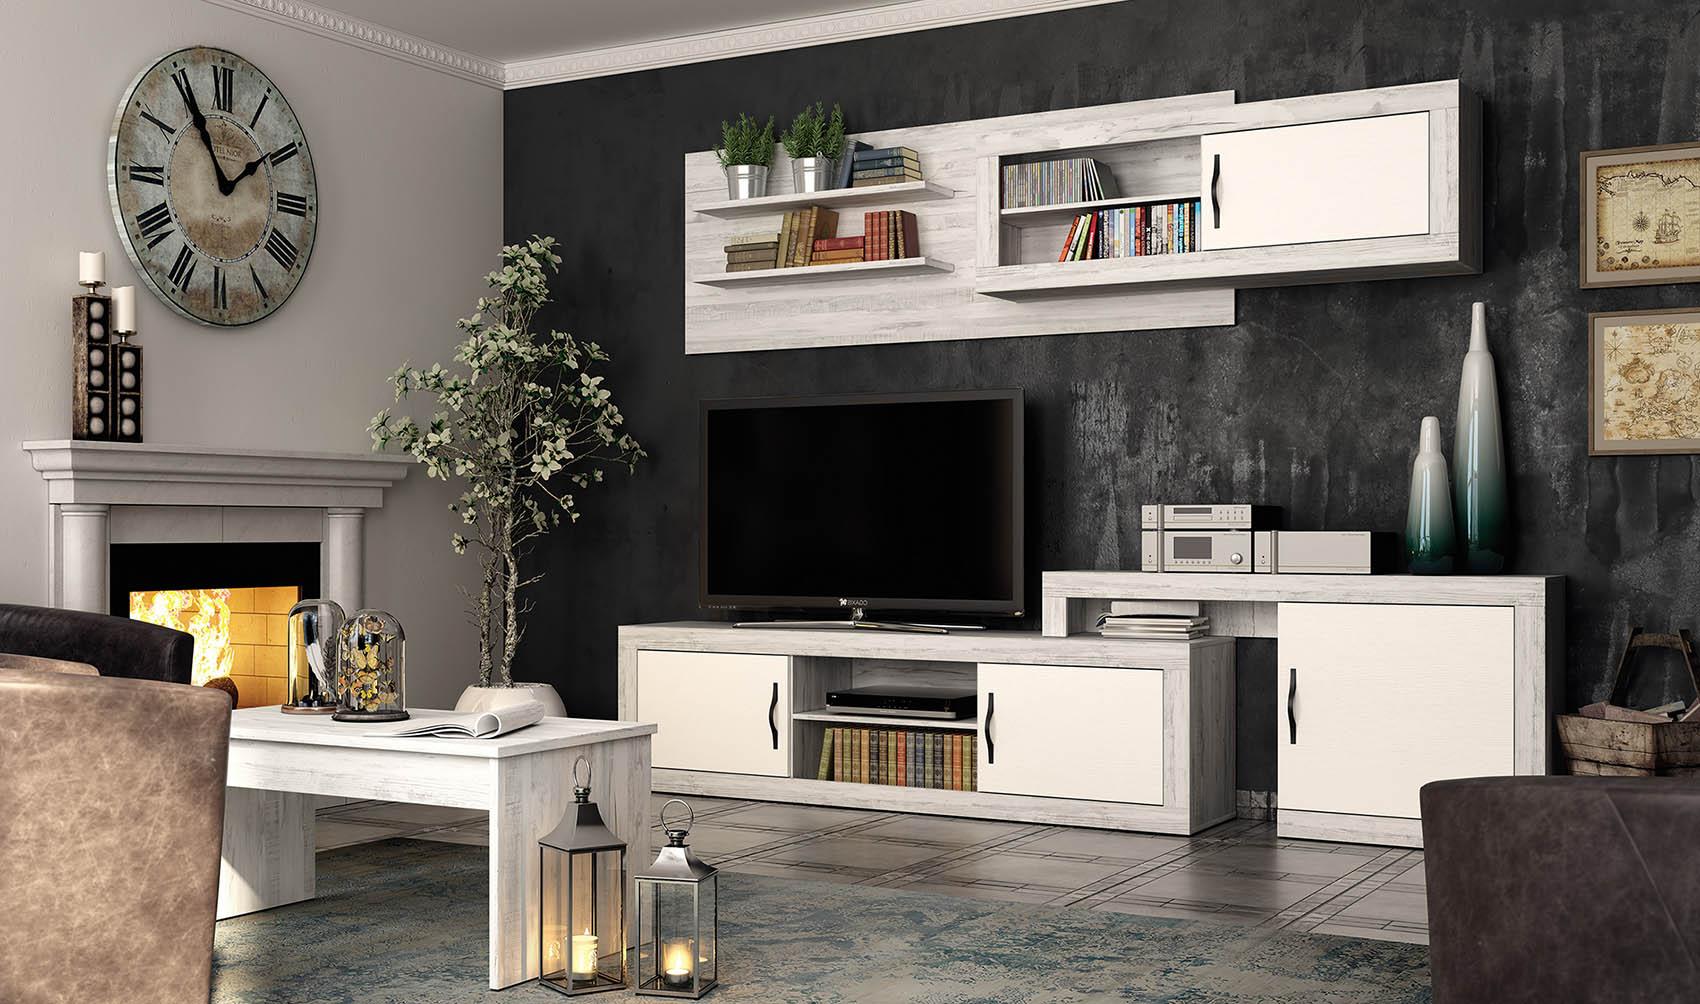 En iyi fiyata güzel, tasarımcı oturma odası mobilyaları